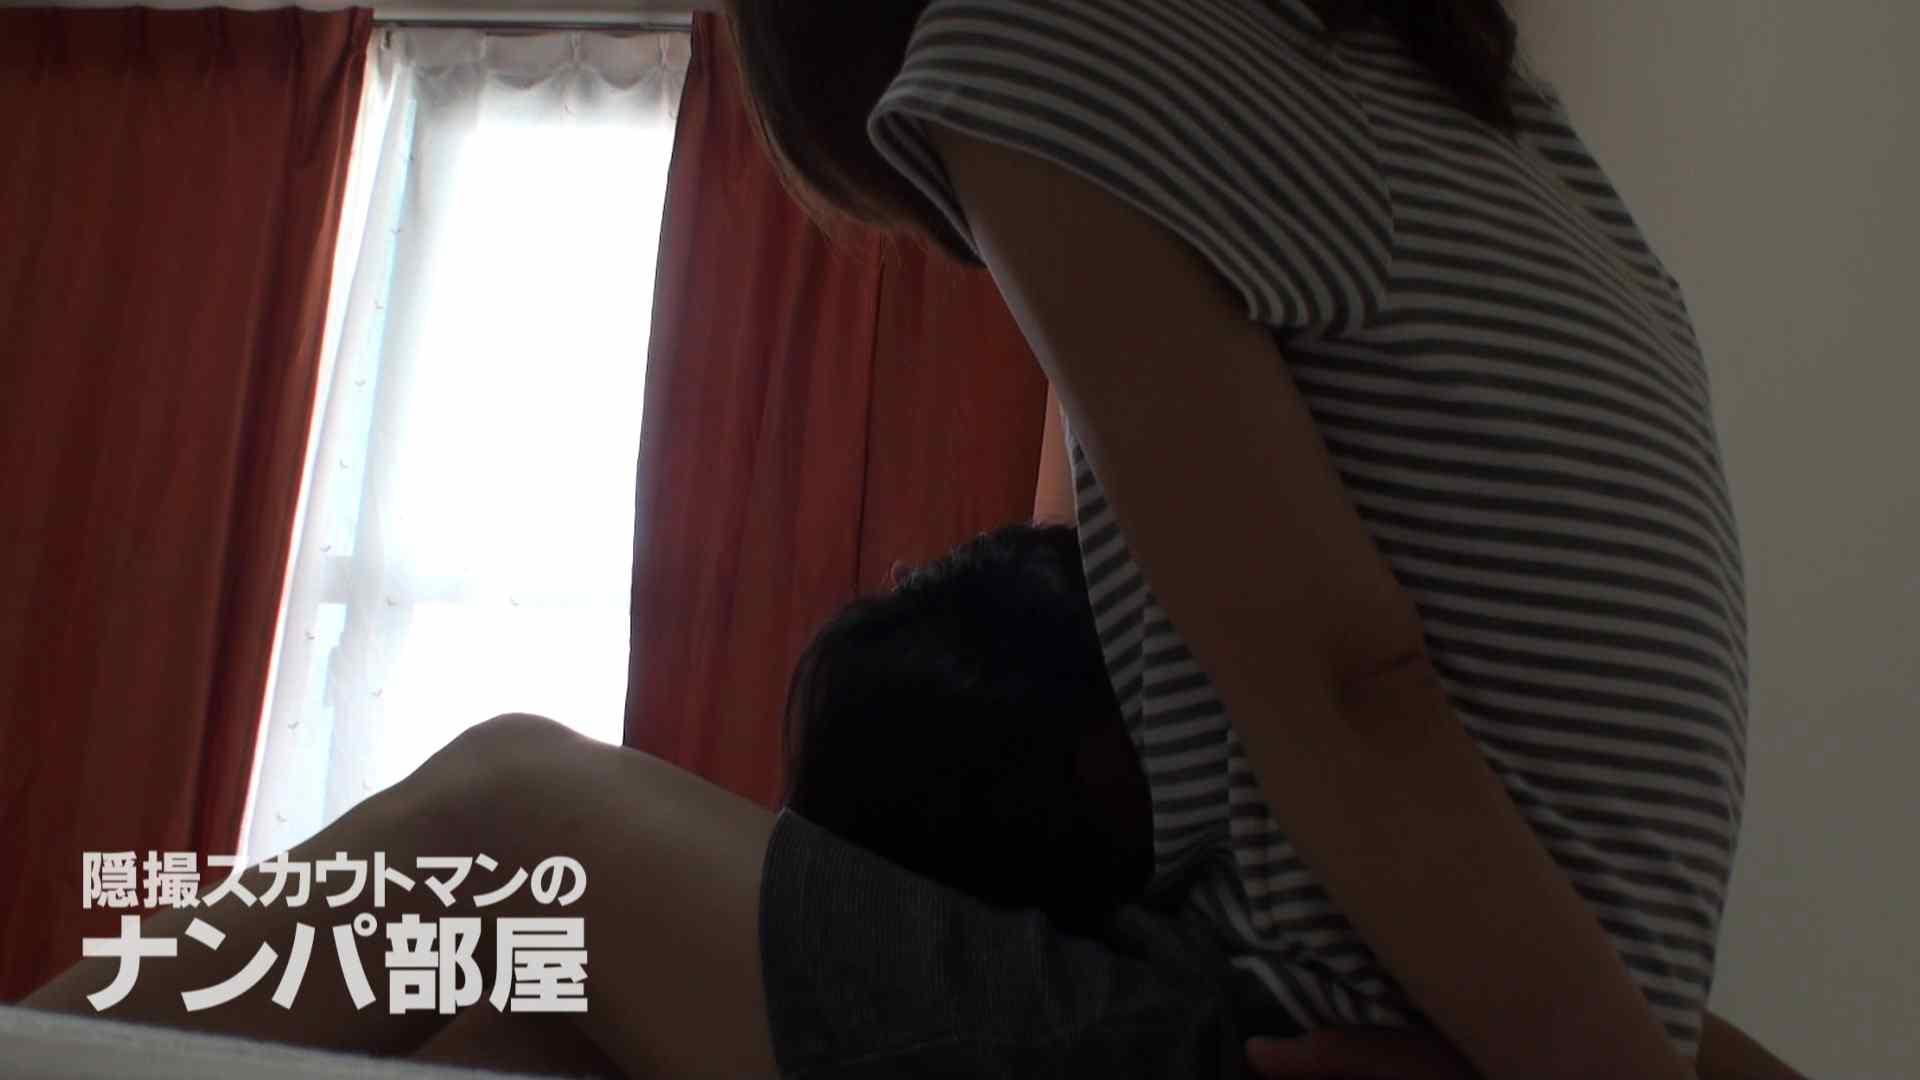 隠撮スカウトマンのナンパ部屋~風俗デビュー前のつまみ食い~ siivol.3 SEX映像 ぱこり動画紹介 74pic 55